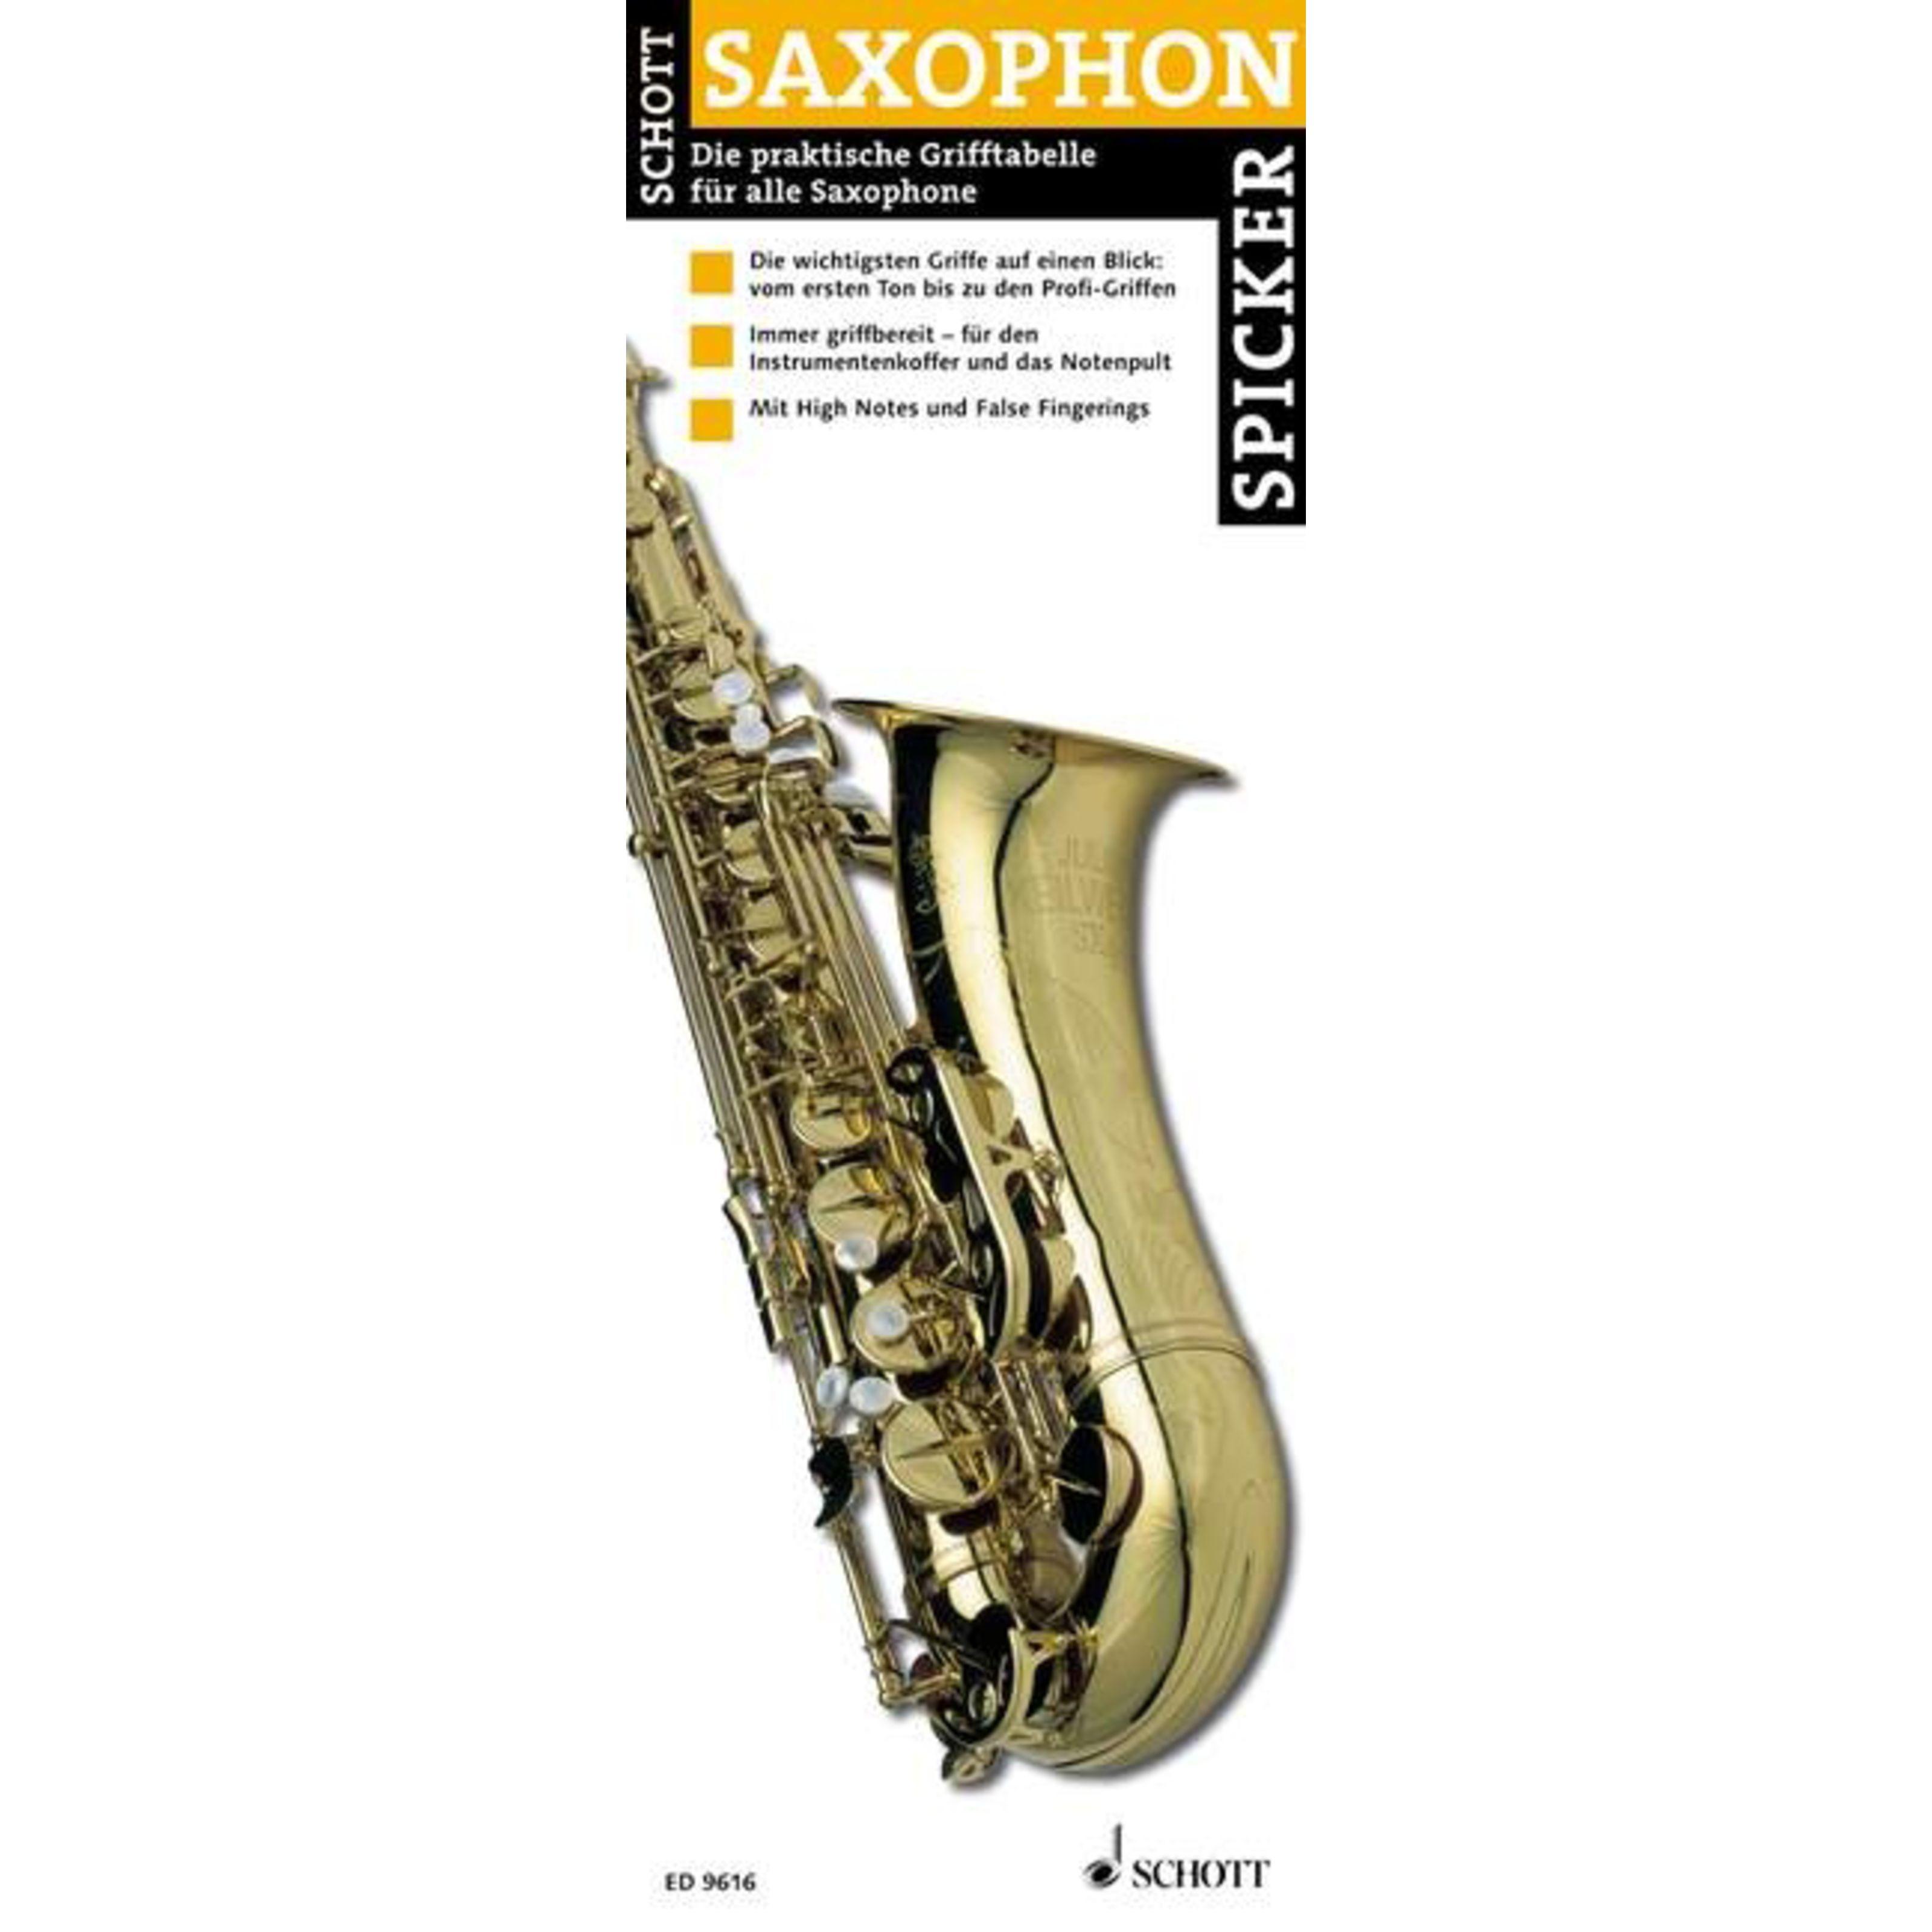 Schott Music - Saxophon-Spicker Grifftabelle für Saxophon ED 9616